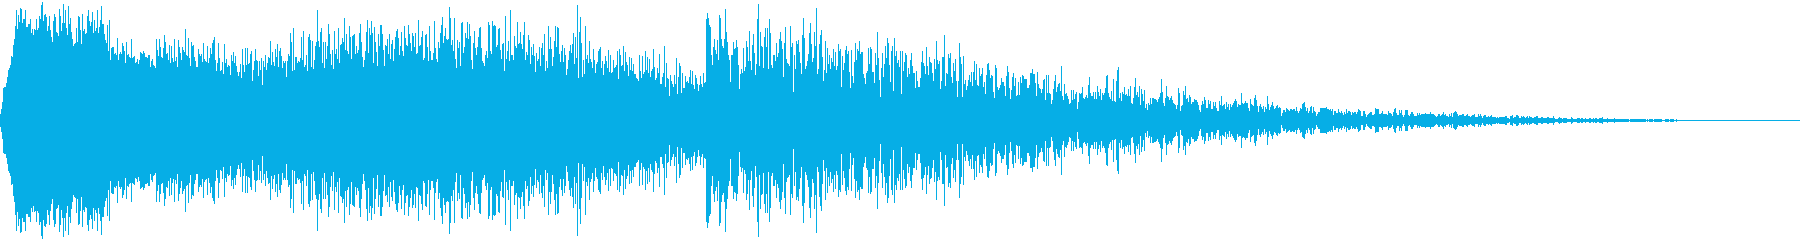 ボーダーコントロールスイープアクセントの再生済みの波形